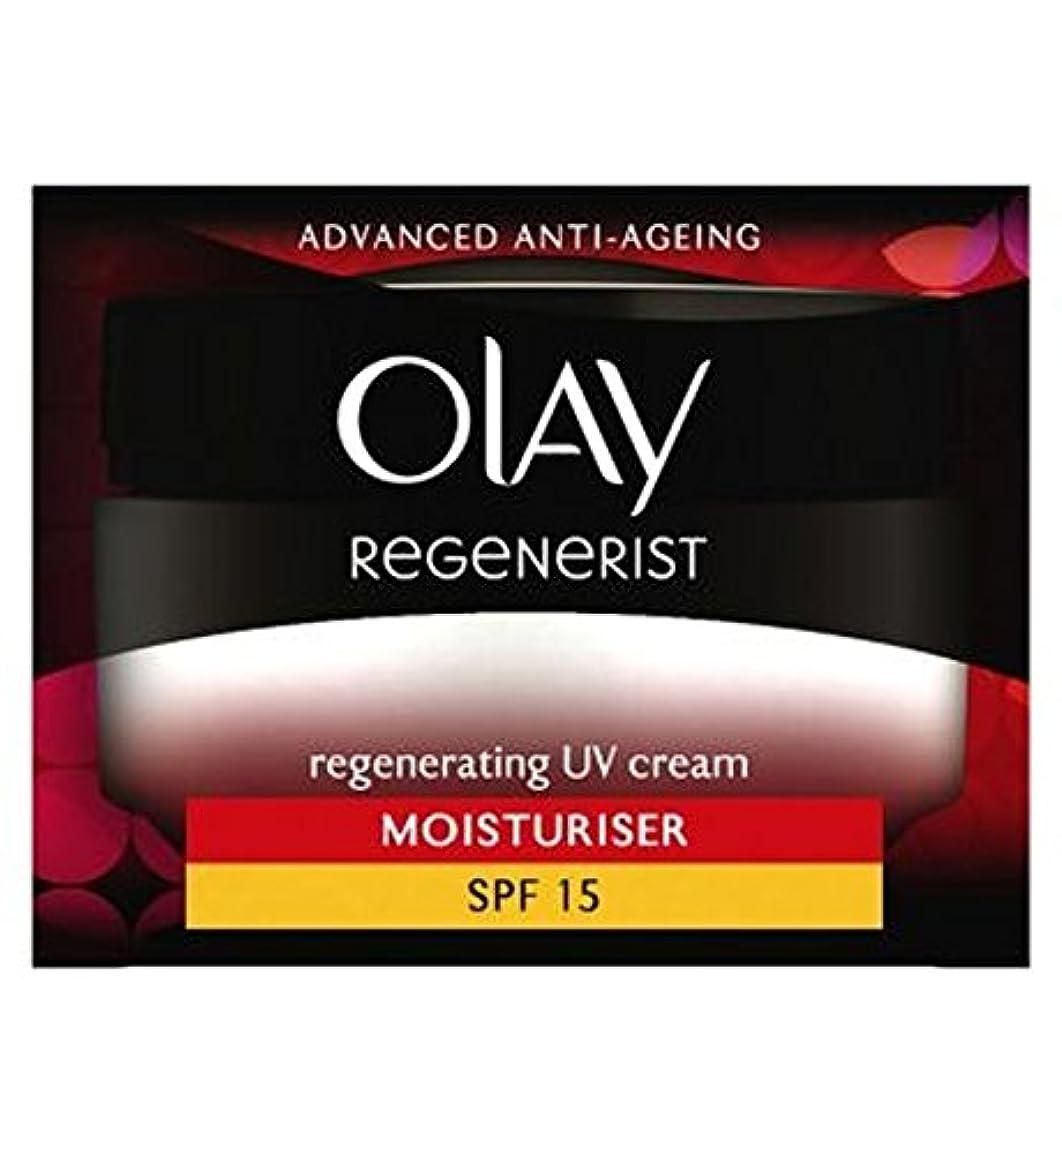 浸透する宙返り工業化するOlay Regenerist Regenerating UV Cream SPF15 50ml - オーレイリジェネ再生UvクリームSpf15の50ミリリットル (Olay) [並行輸入品]